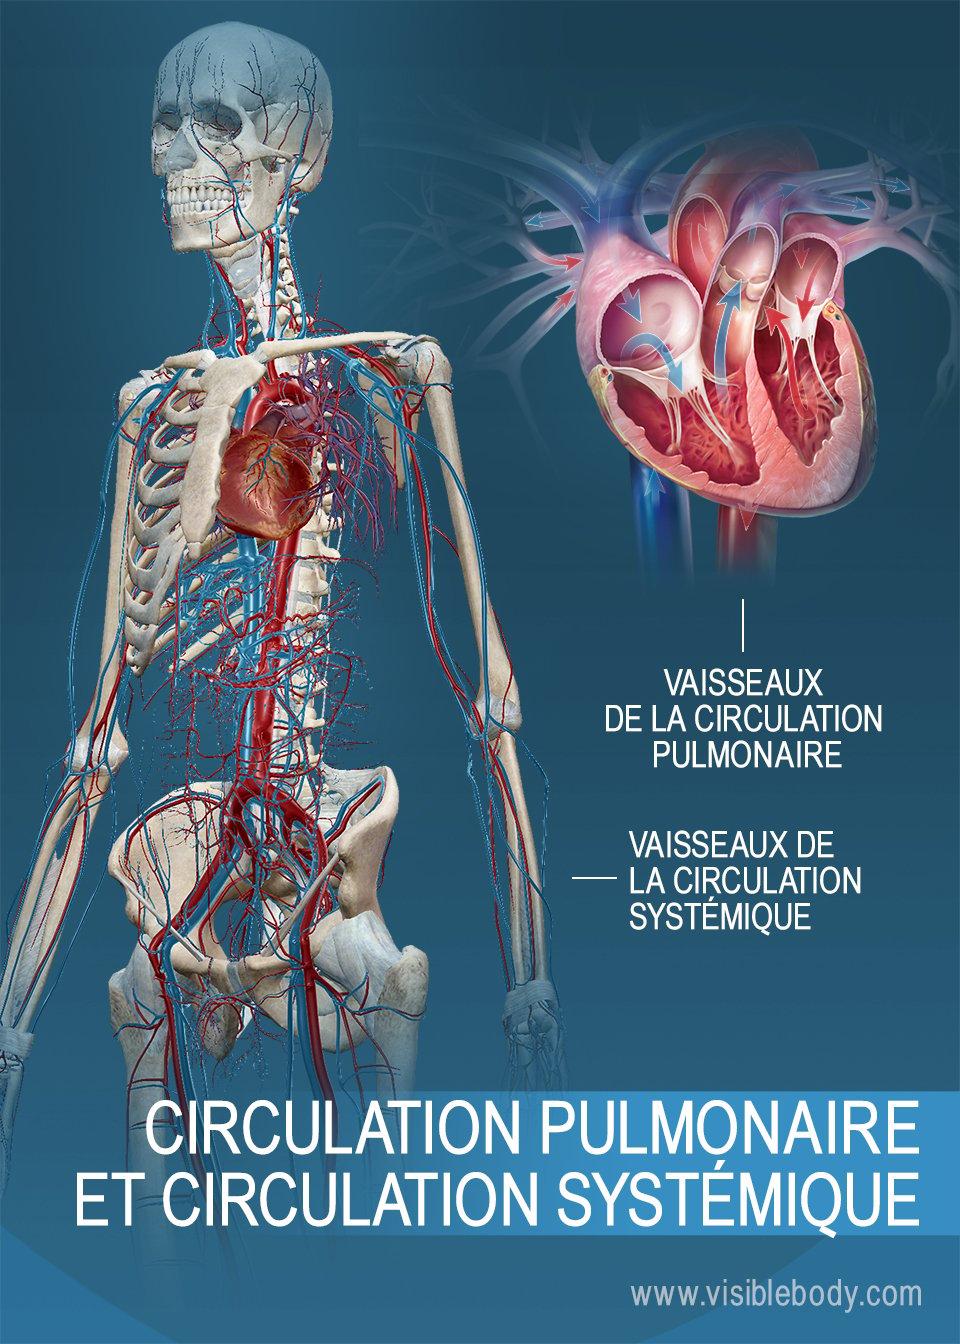 Vaisseaux des circulations systémique et pulmonaire